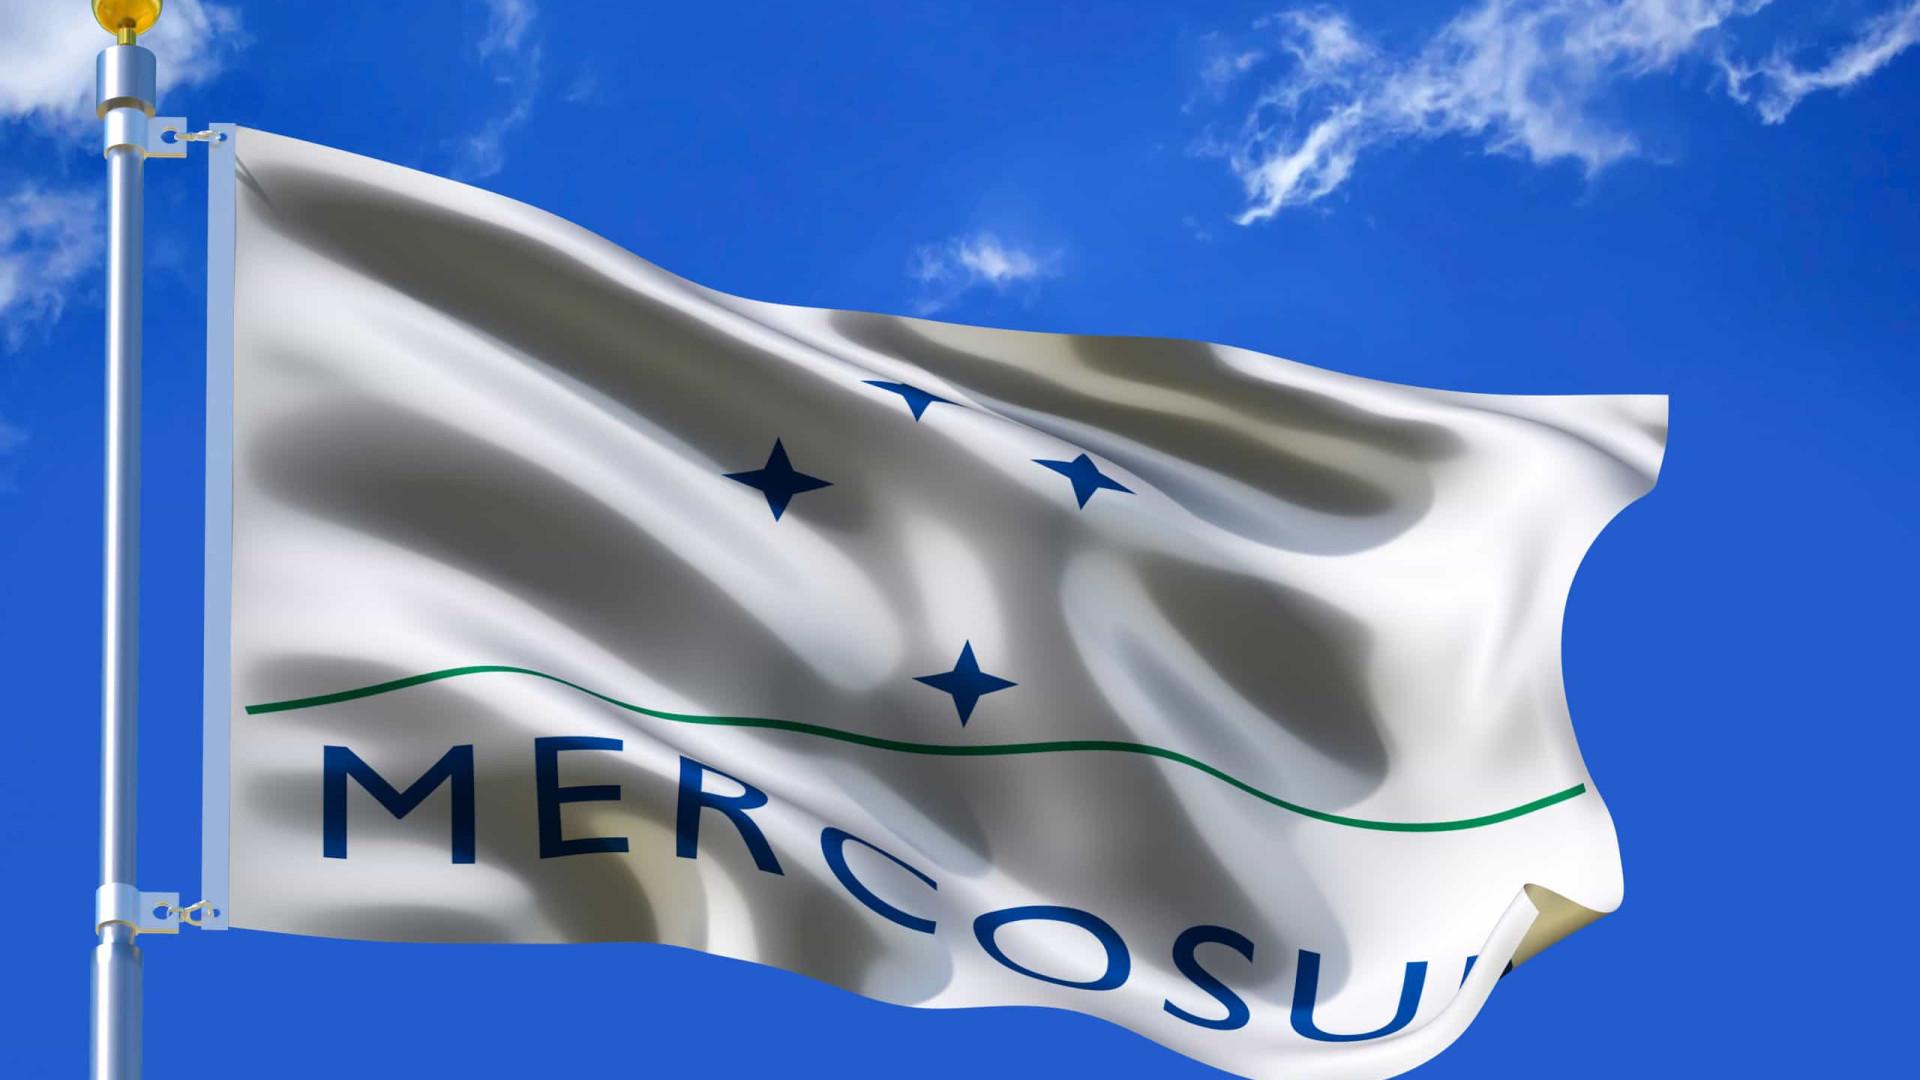 Brasil assume presidência do Mercosul nesta quinta em meio a isolamento argentino